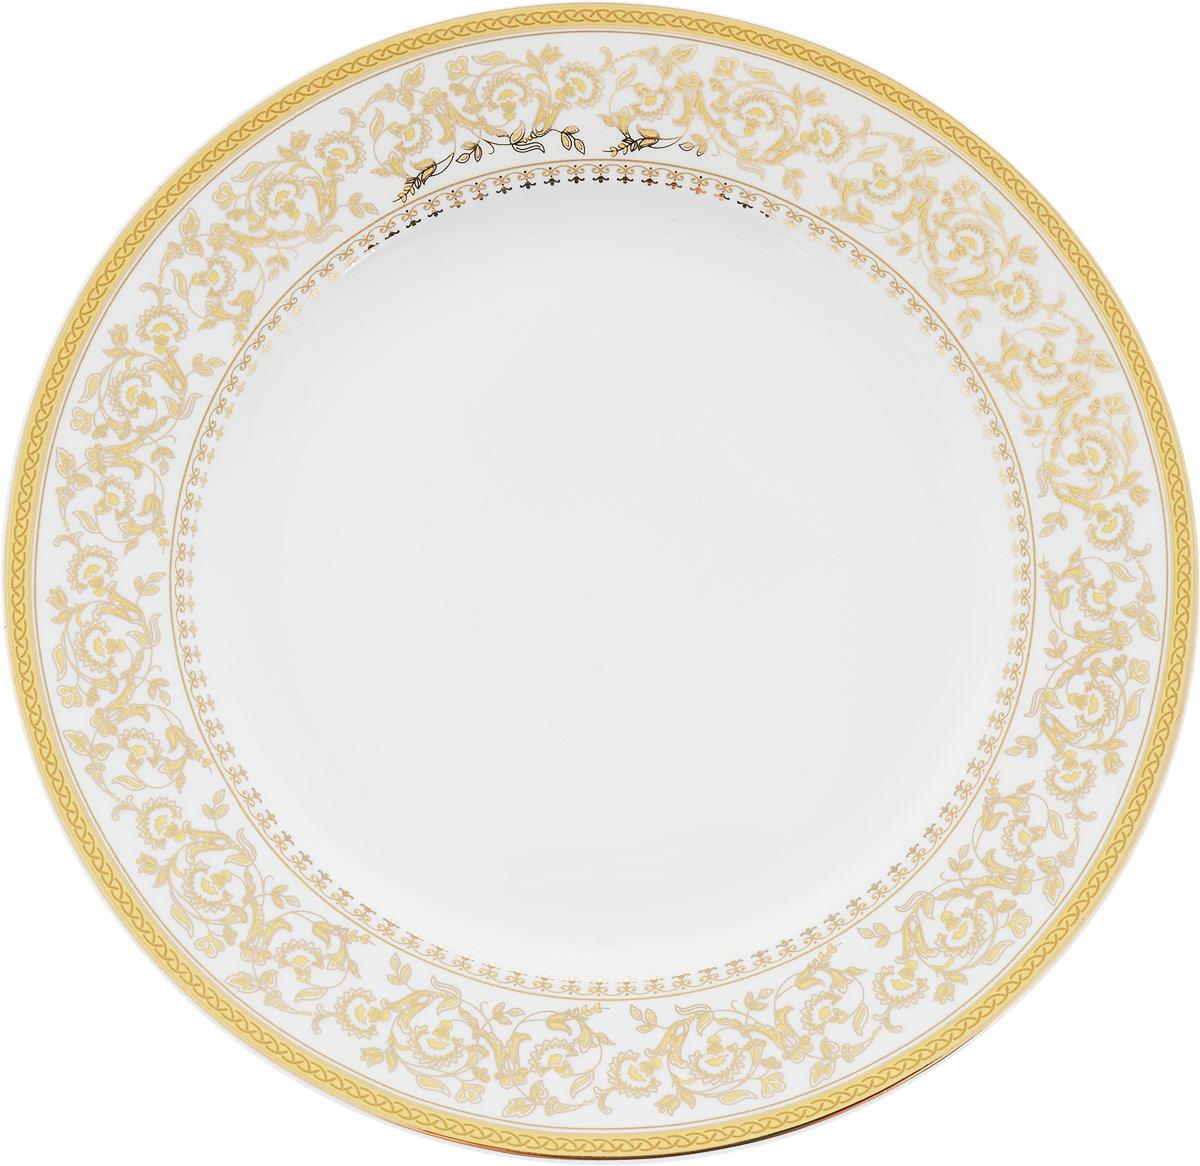 Тарелка десертная МФК-профит Империя, диаметр 19 см империя бокаччо в иркутске